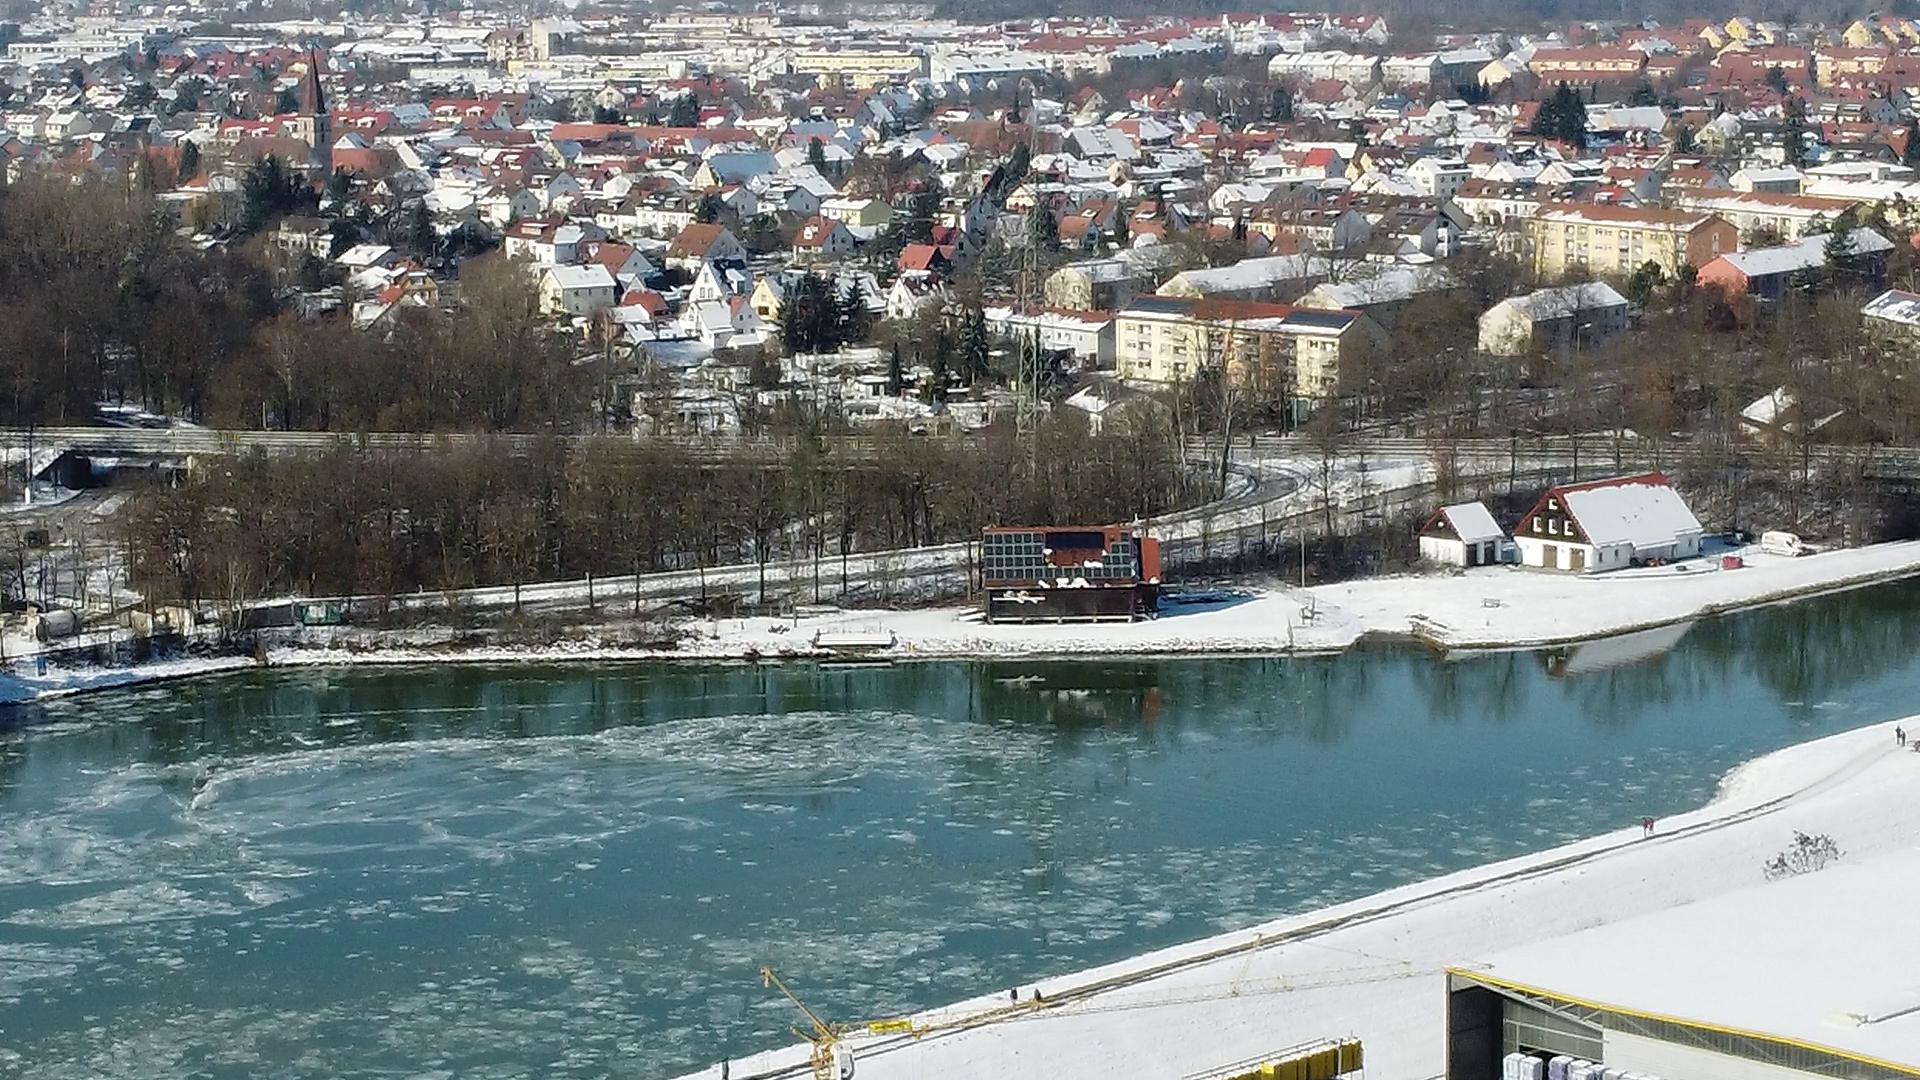 Luftaufnahme des Wendebeckens am Hafen Erlangen mit Bootshaus der Erlanger Wanderrudergesellschaft. Auf dem Kanal treiben Eisschollen